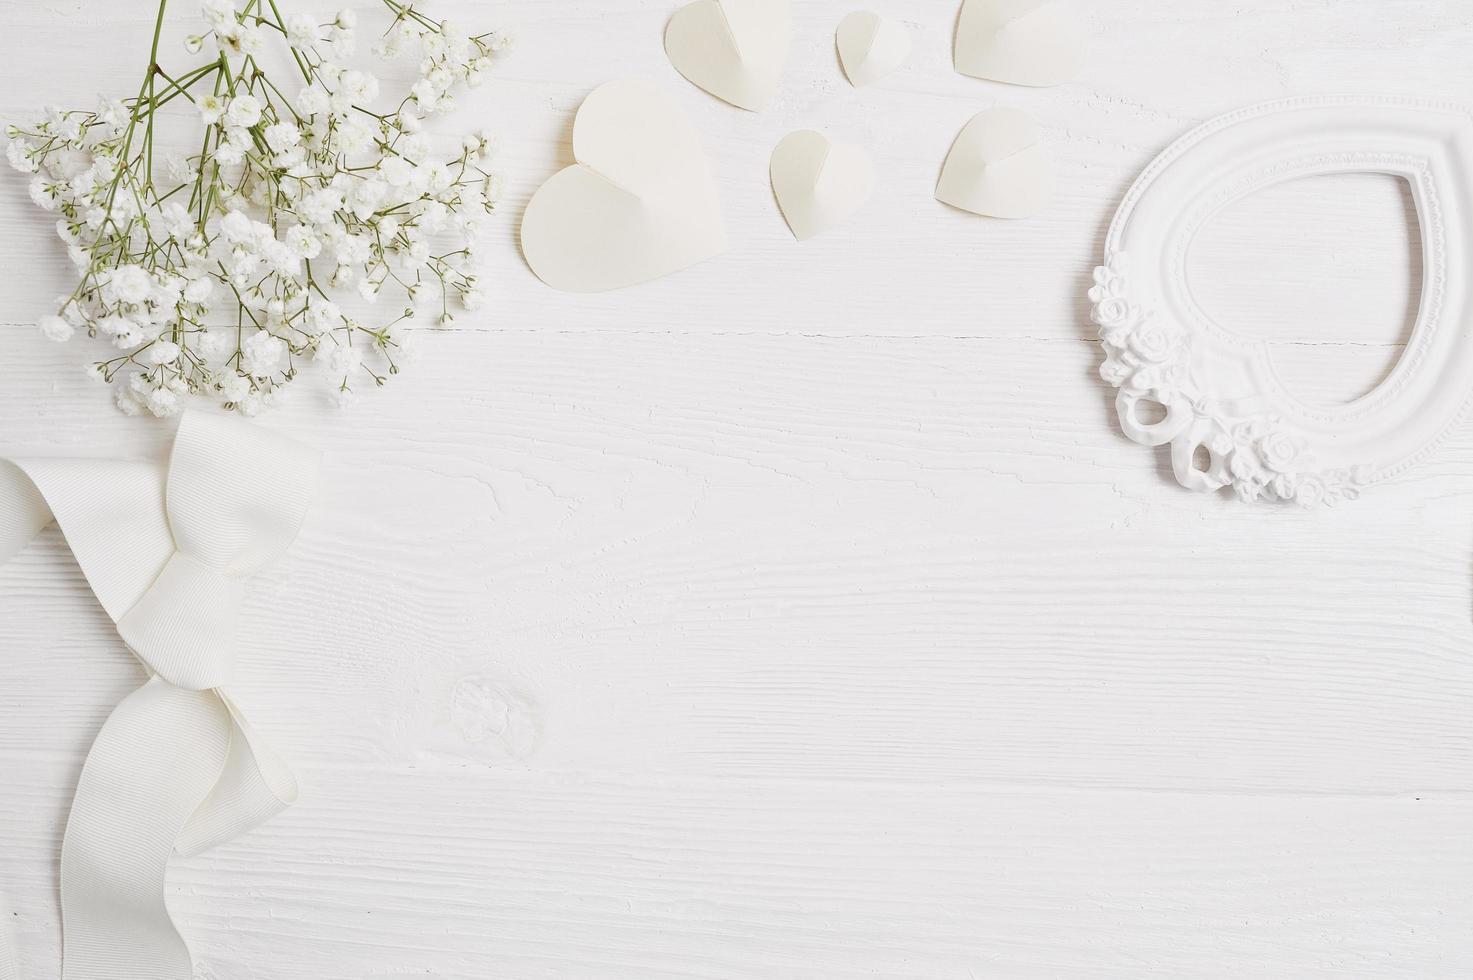 fond de maquette avec des fleurs et des coeurs en papier photo